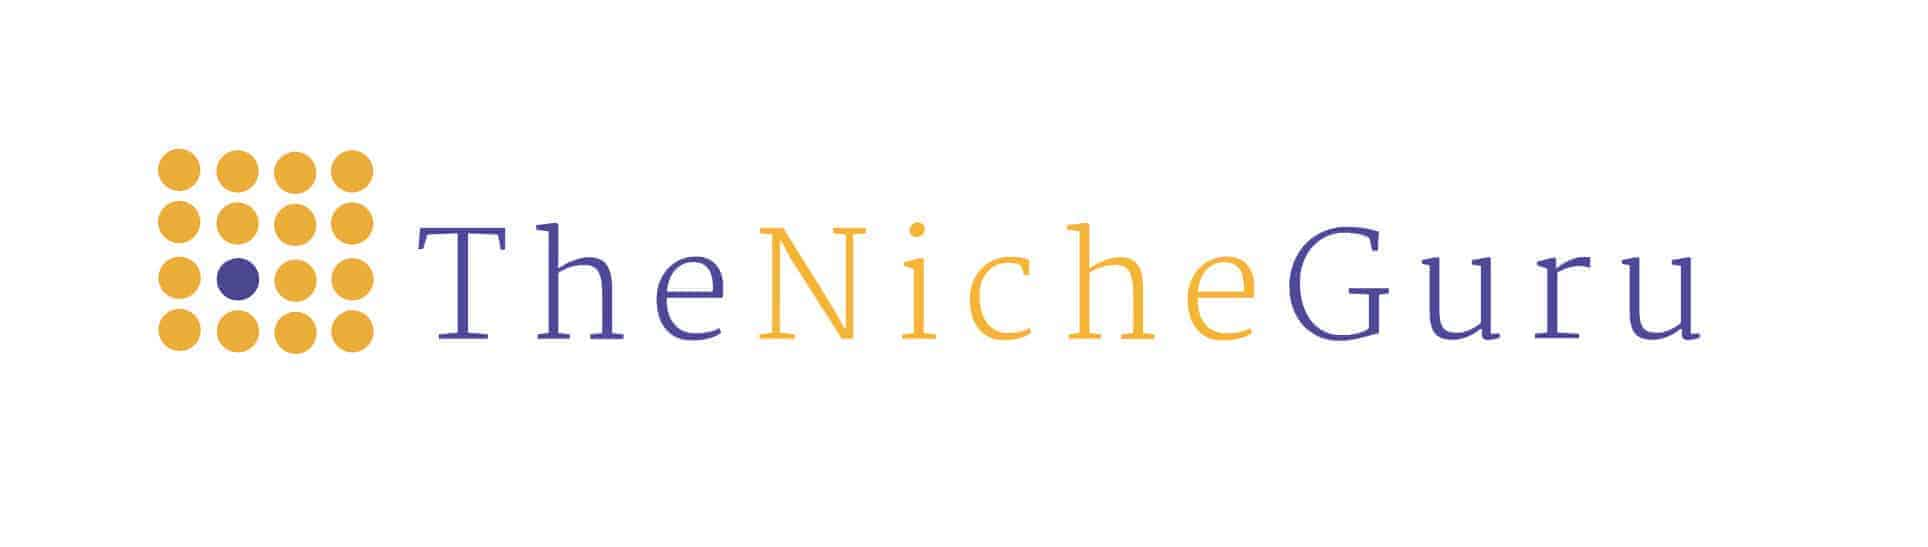 the niche guru logo